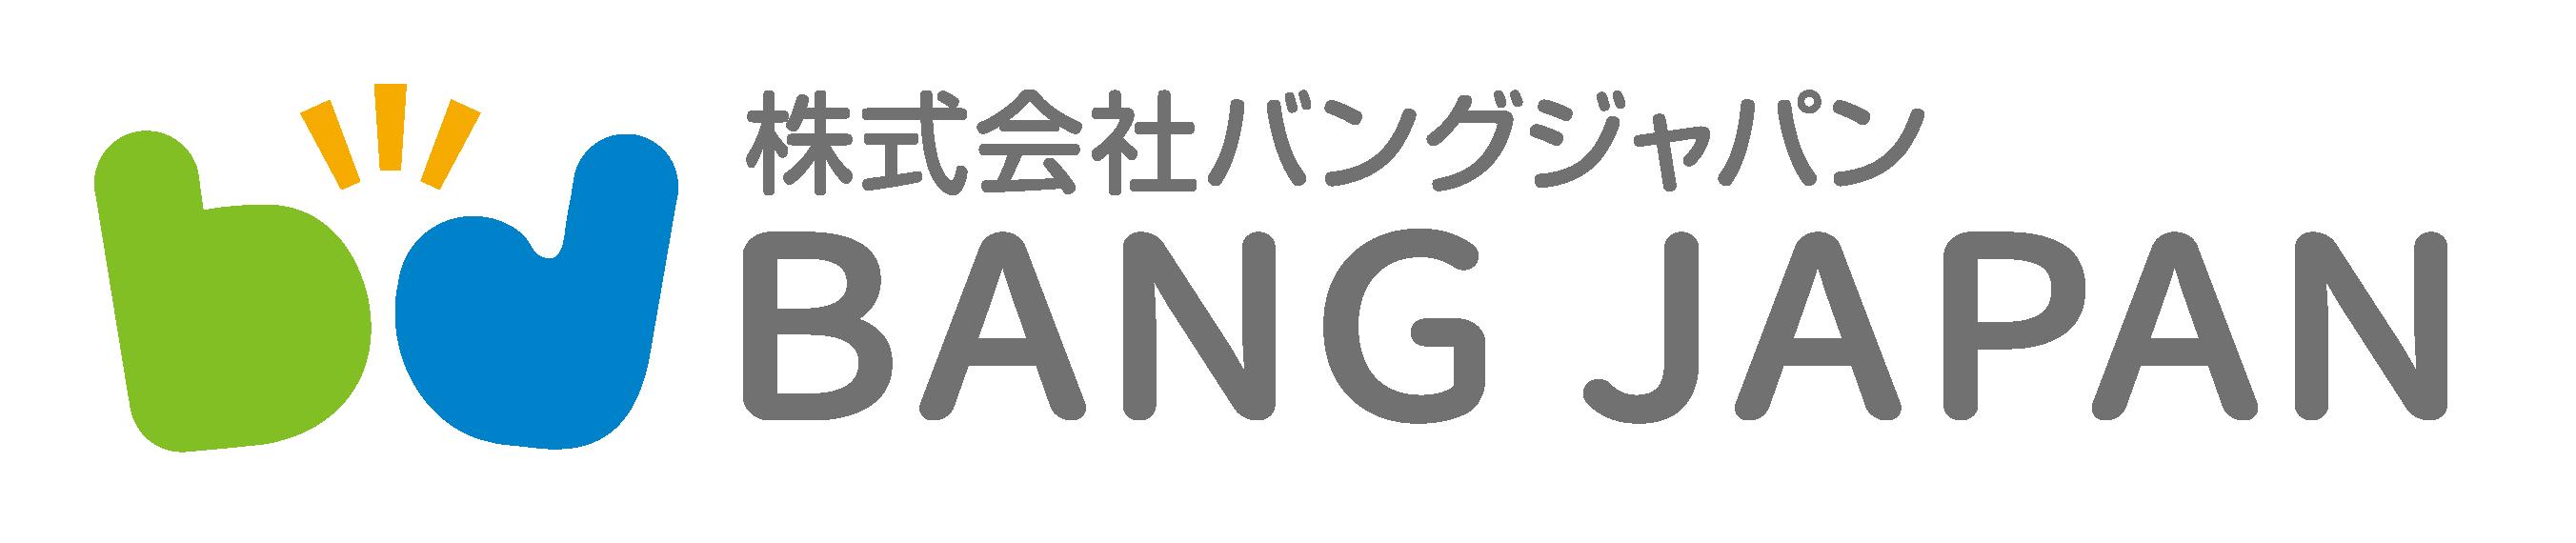 BANG JAPAN